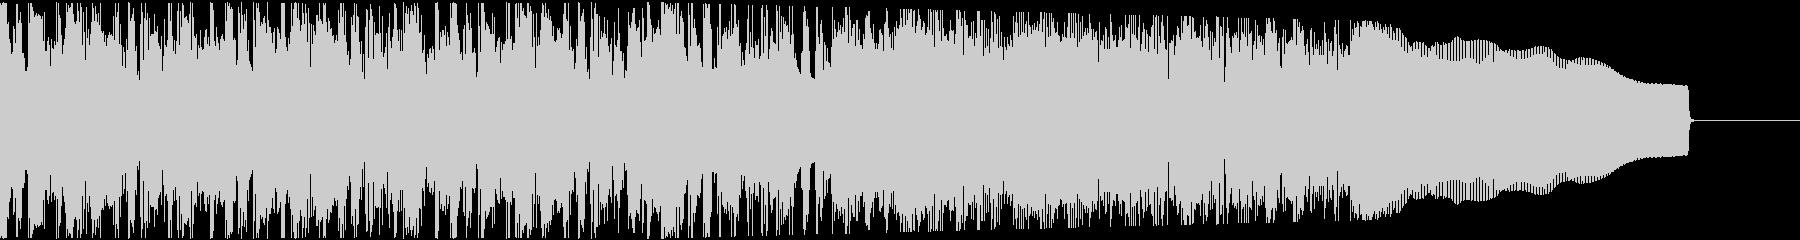 カントリー風ギターイントロ−05の未再生の波形